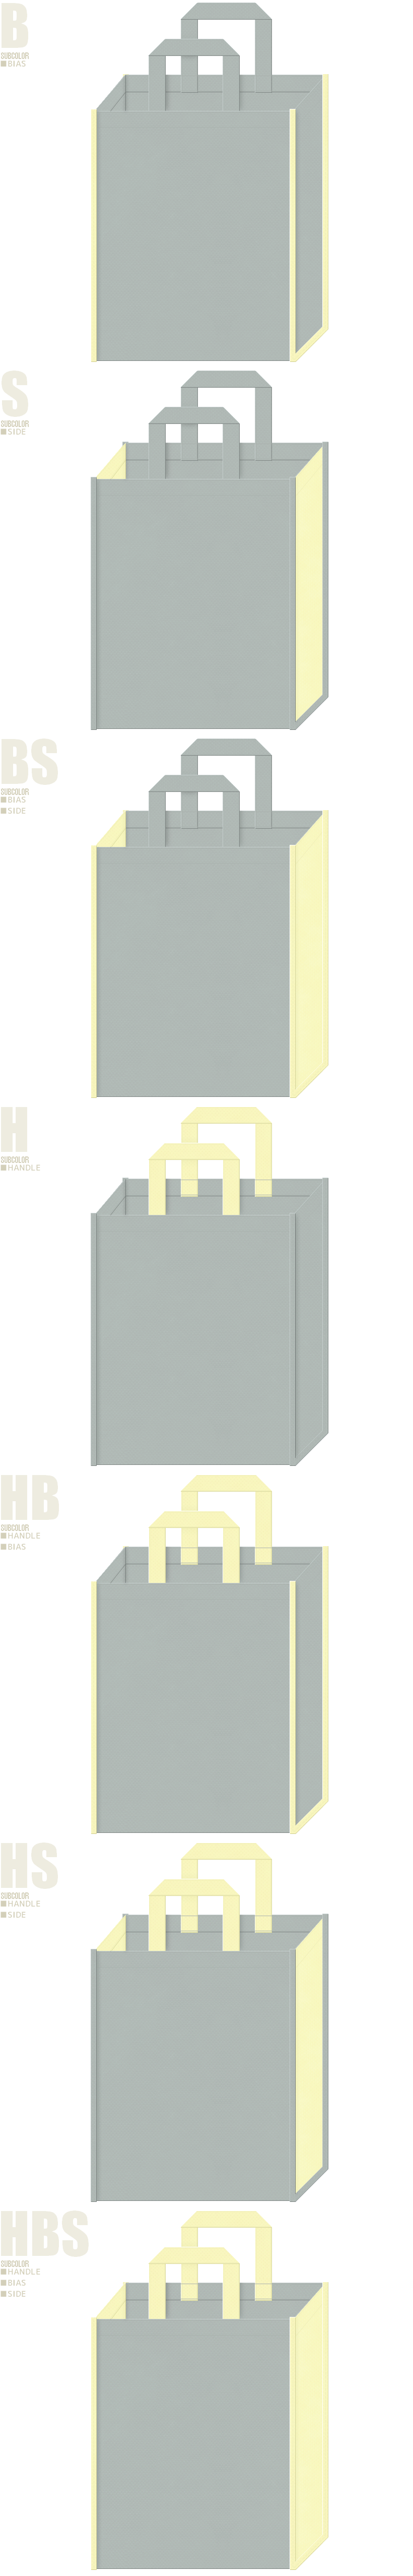 ペンダントライト・足元照明・間接照明・ナイトライト・照明器具の展示会用バッグにお奨めの不織布バッグデザイン:グレー色と薄黄色の配色7パターン